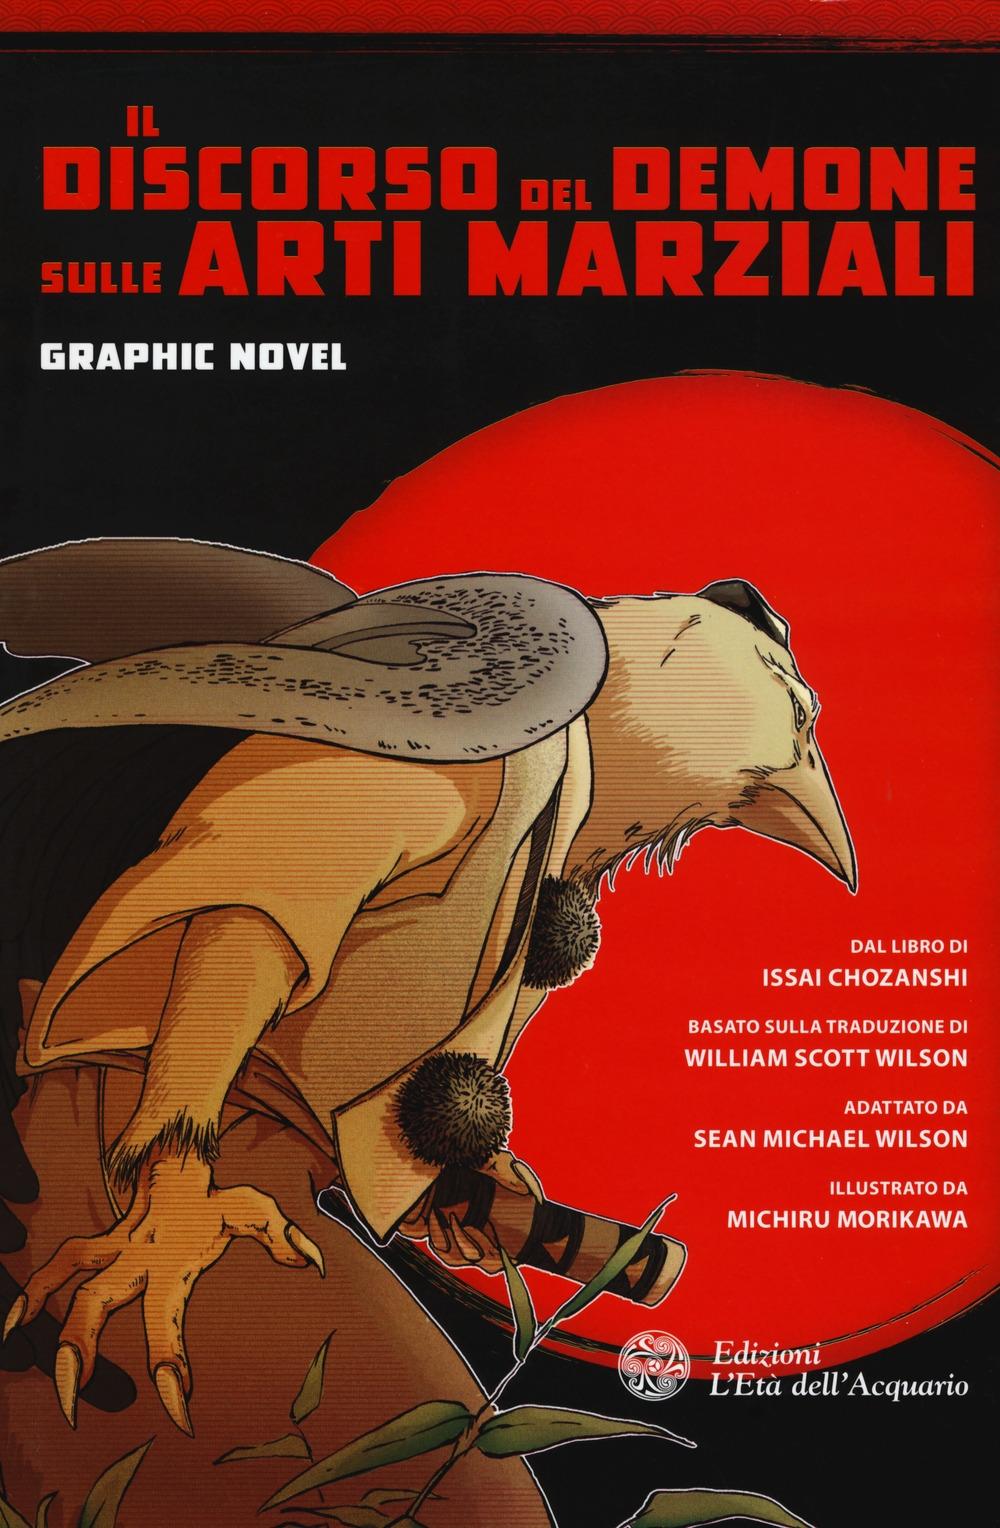 Il discorso del demone sulle arti marziali. Graphic novel